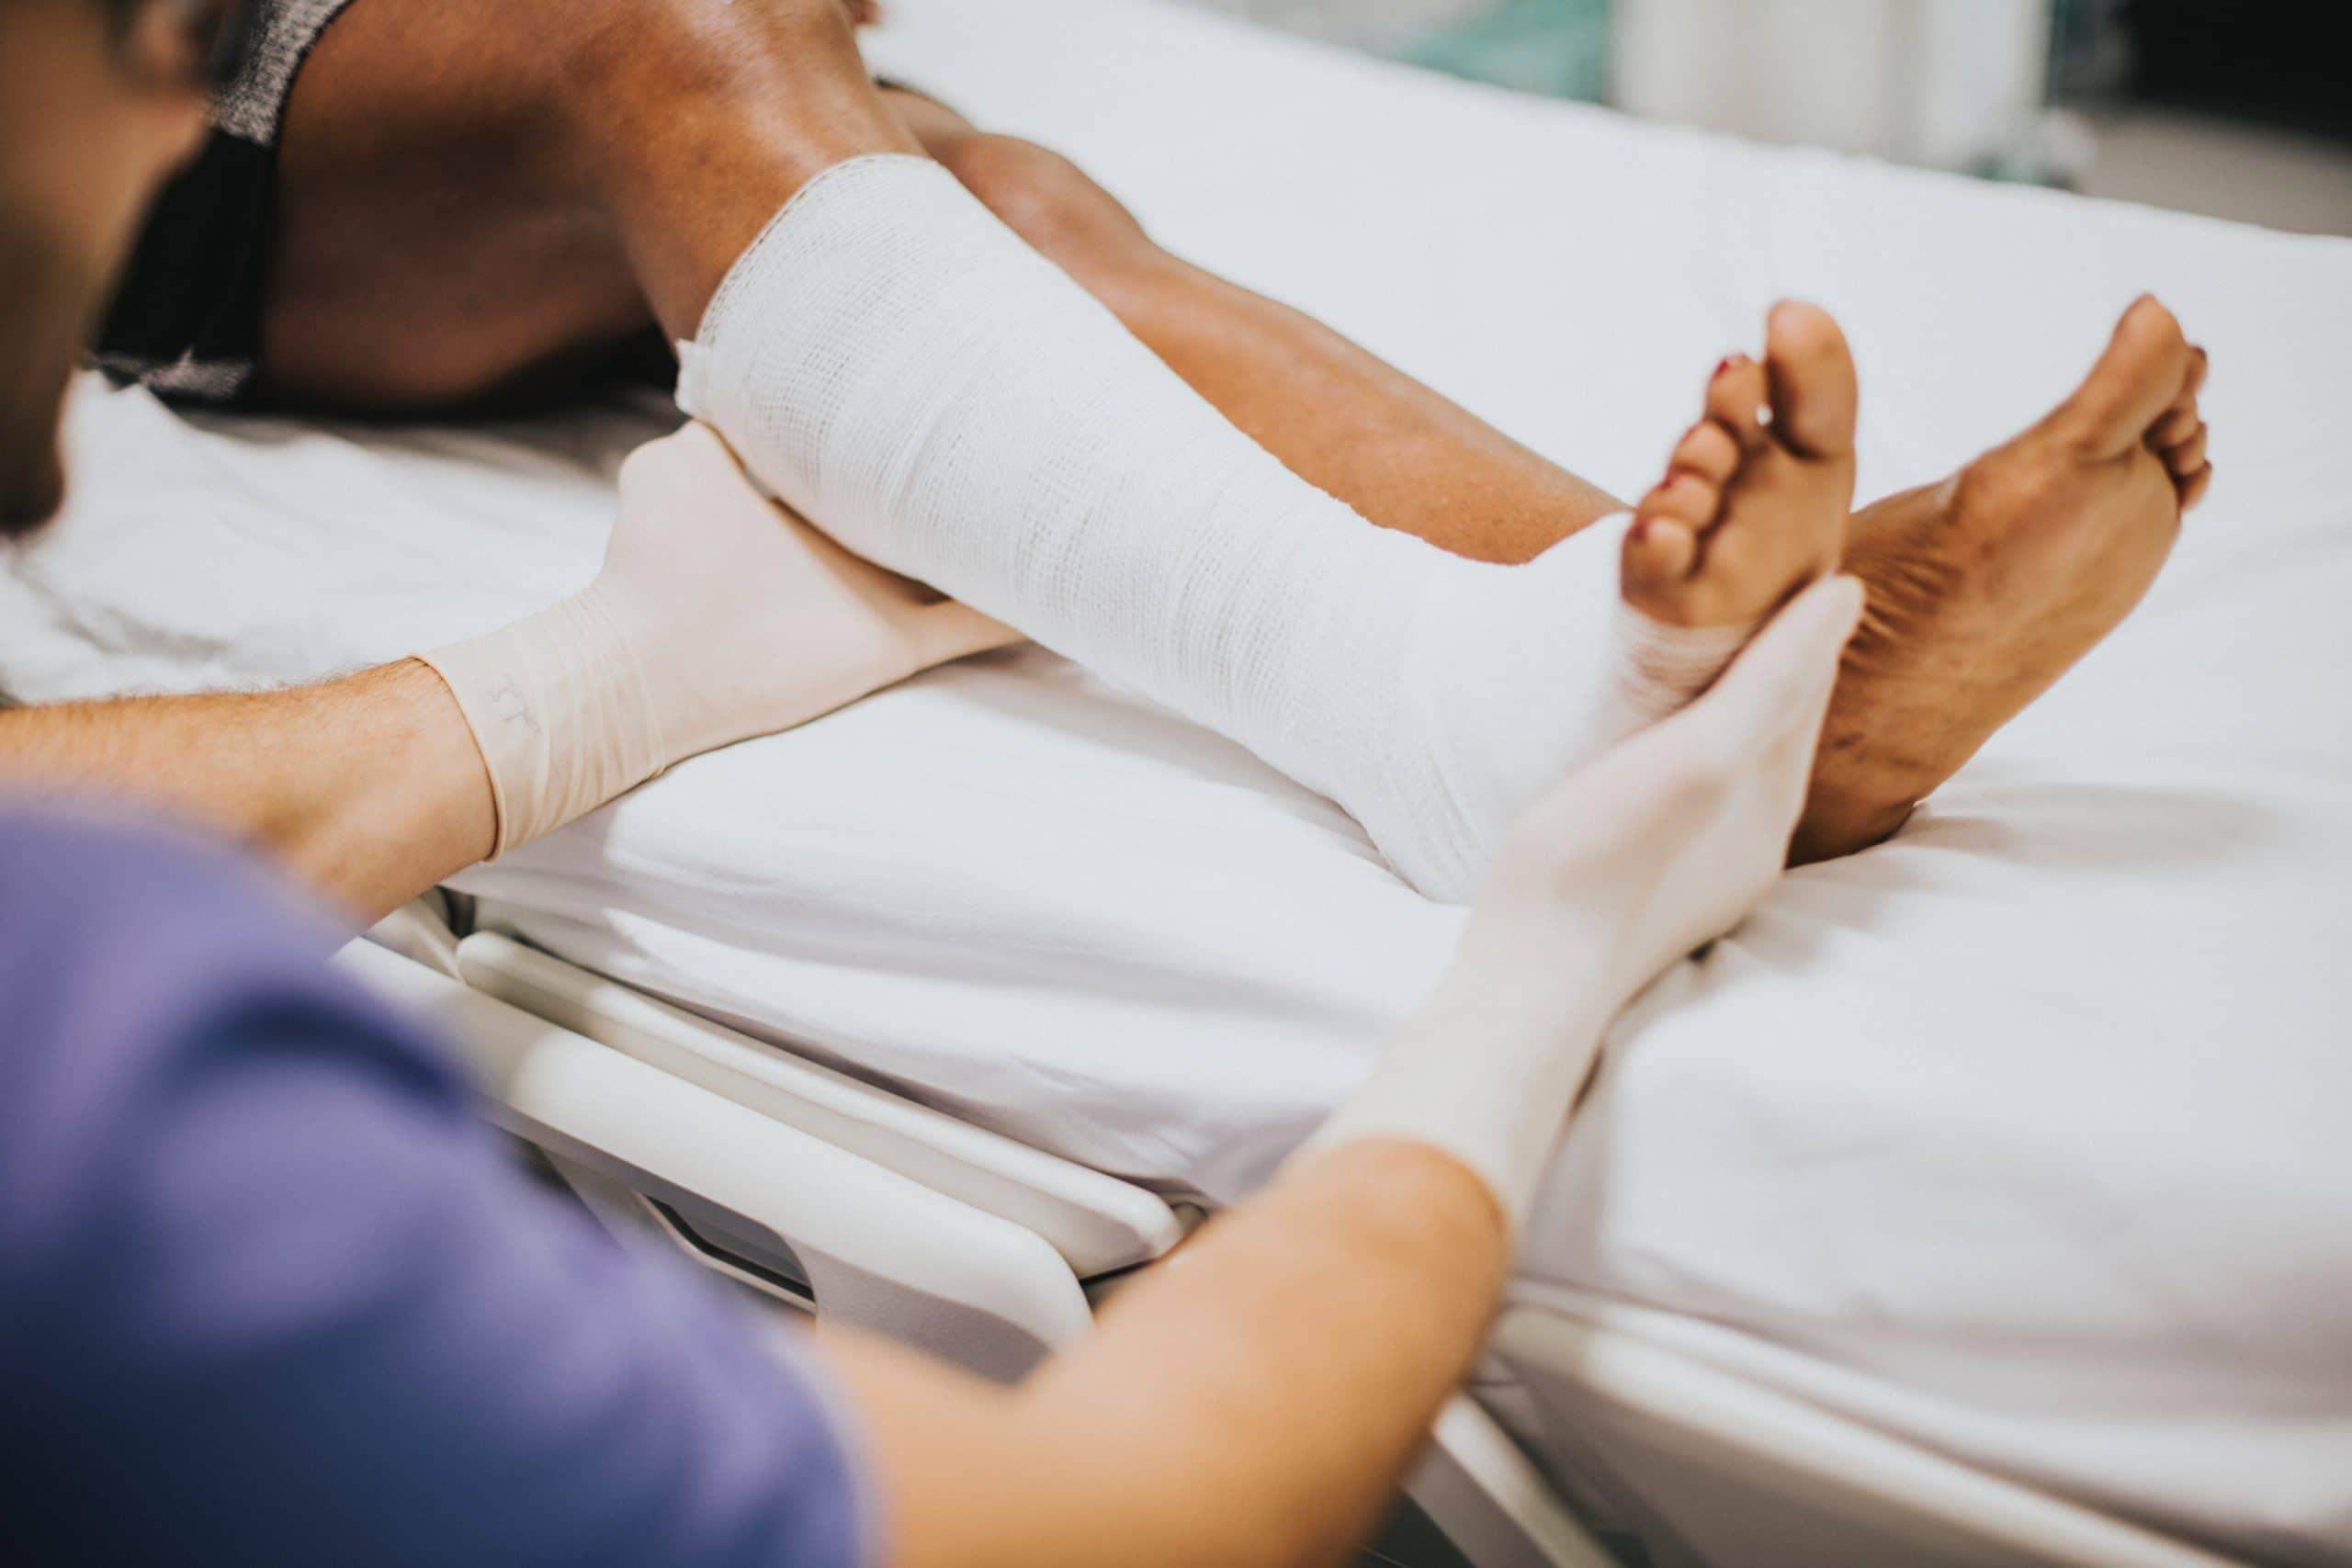 Enfermeira cuidando do pé engessado de um paciente.